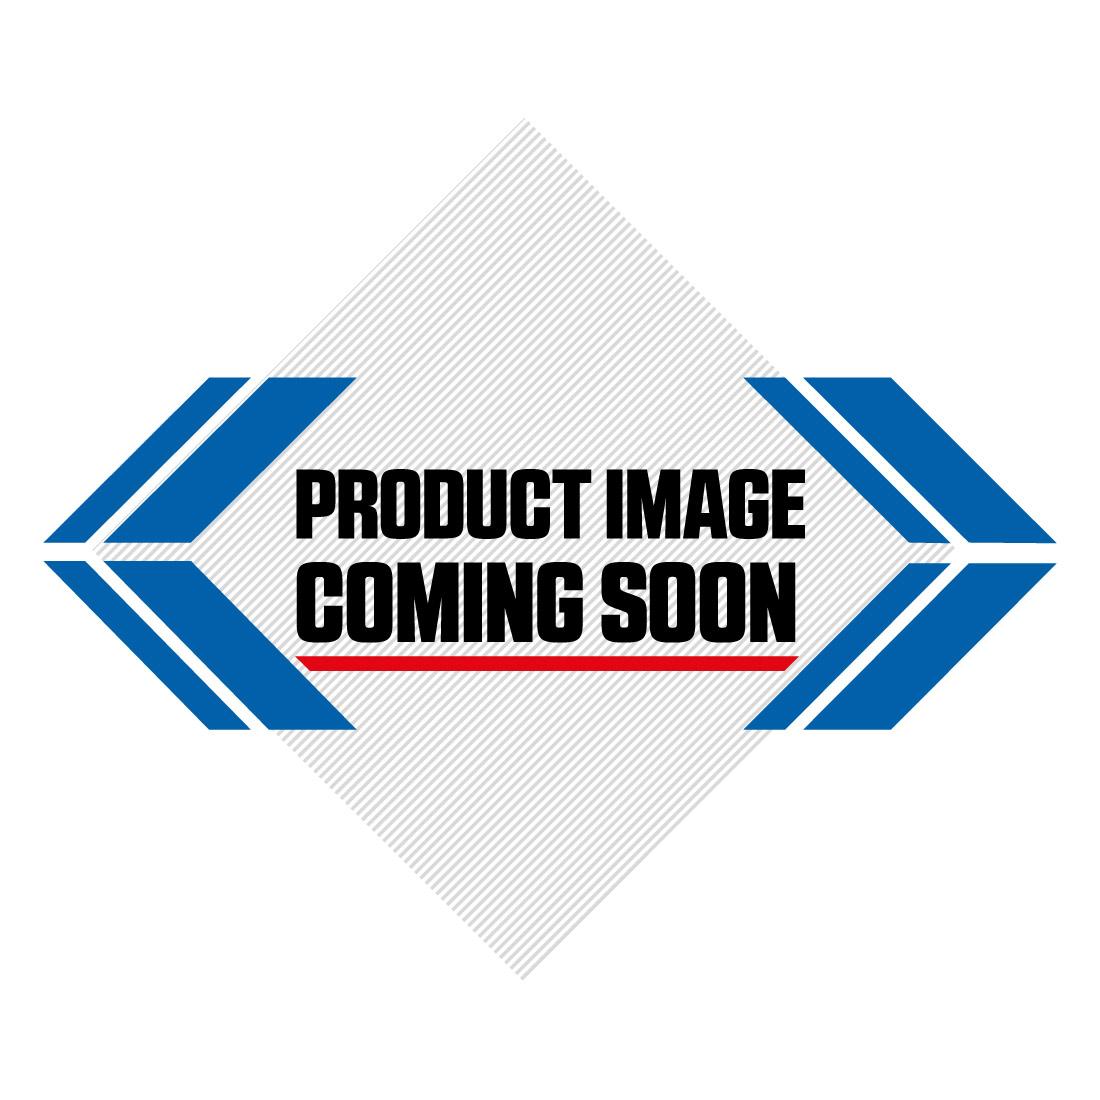 Kawasaki Plastic Kit KX 125 250 (03-04) OEM Factory Image-4>